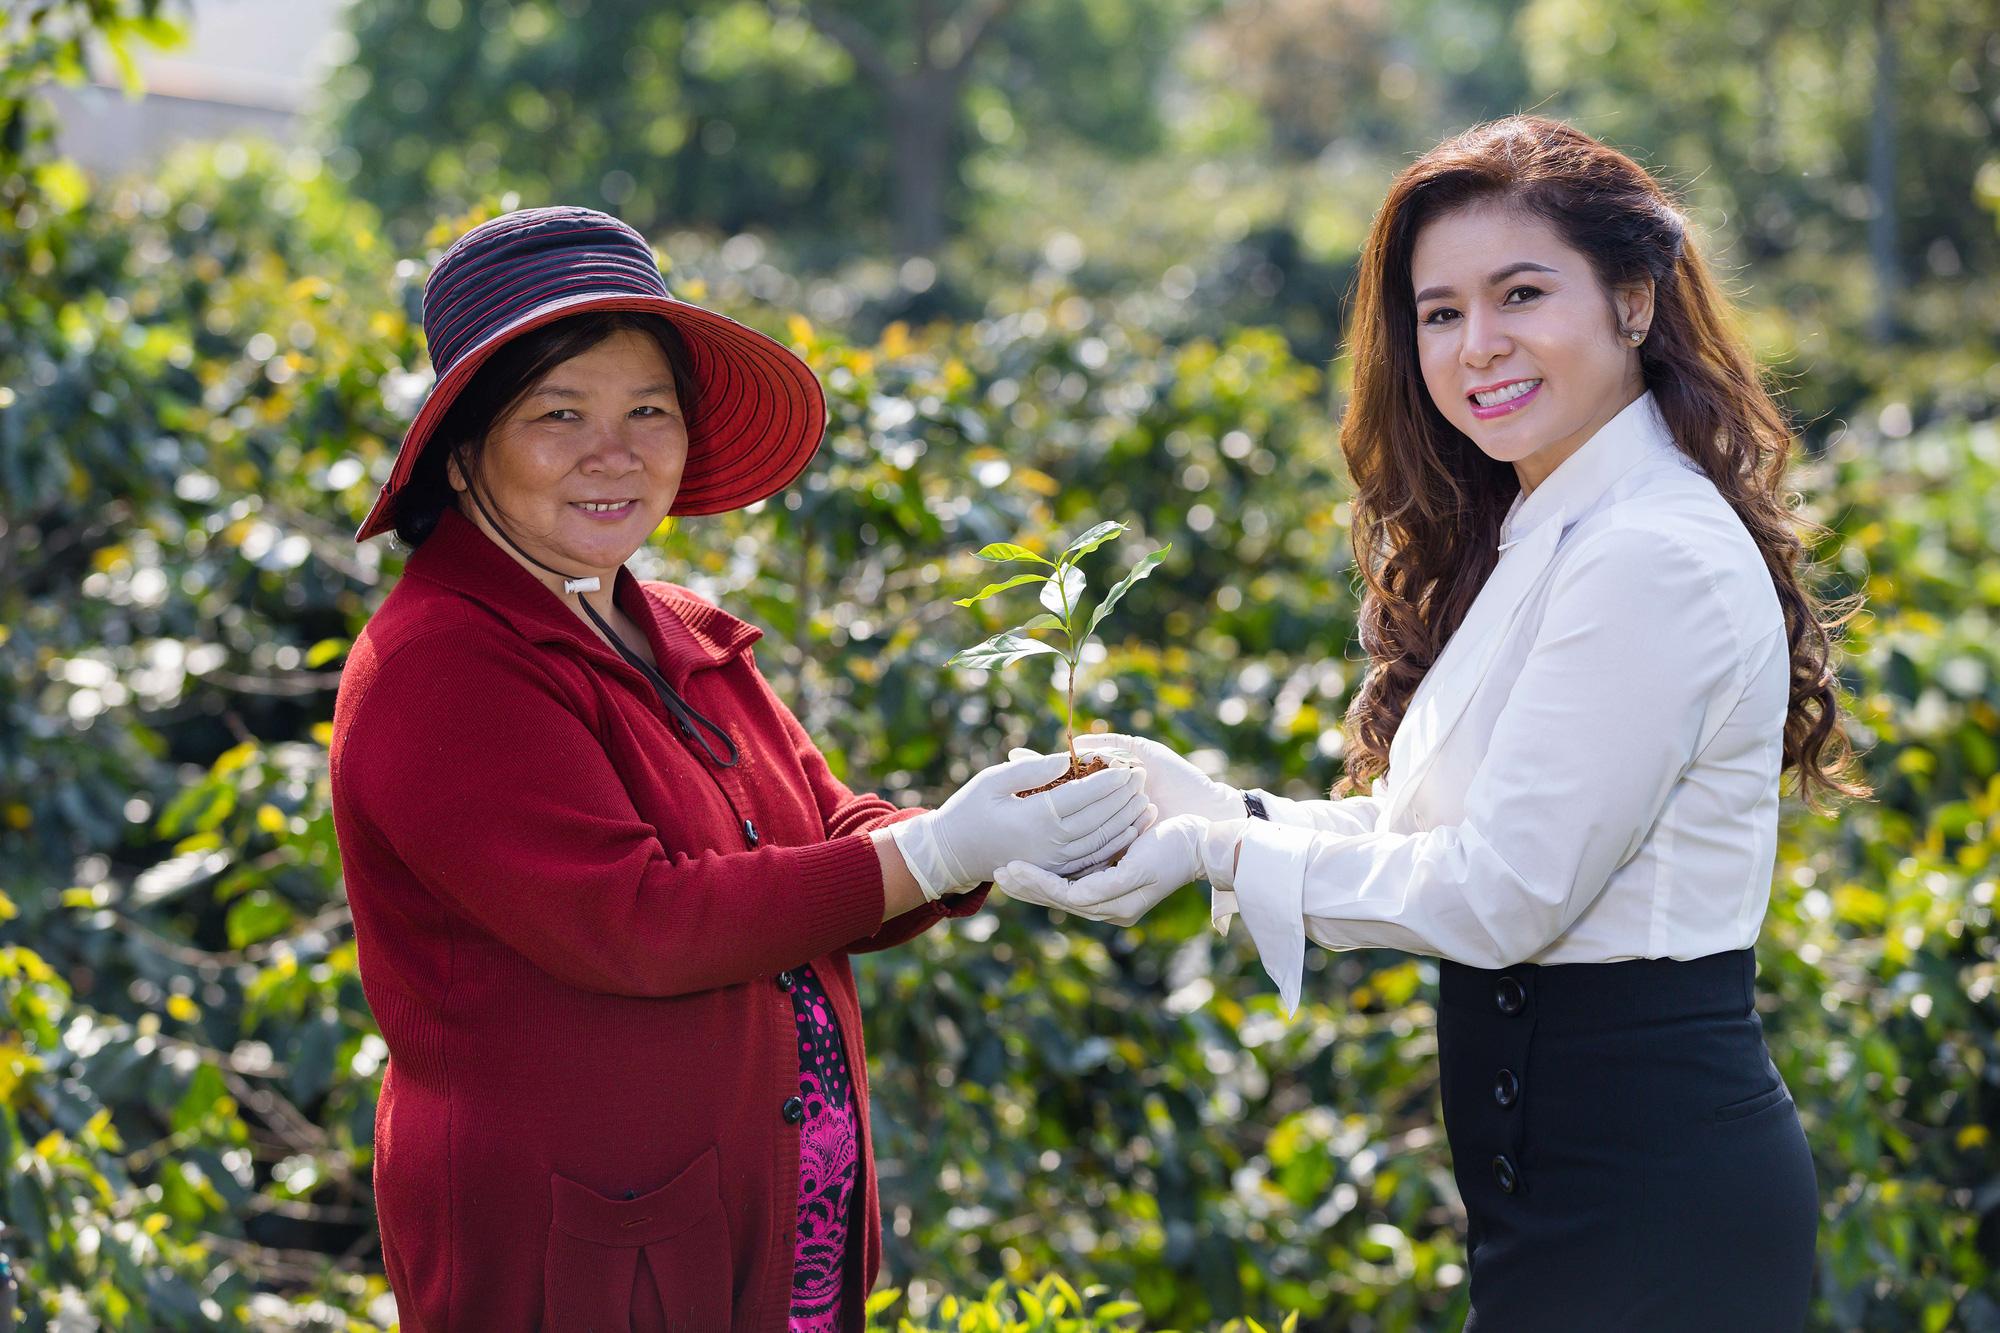 Bà Lê Hoàng Diệp Thảo công bố dự án Happy Farmers cầu nối liên kết với các nhà cung ứng của Việt Nam - Ảnh 3.